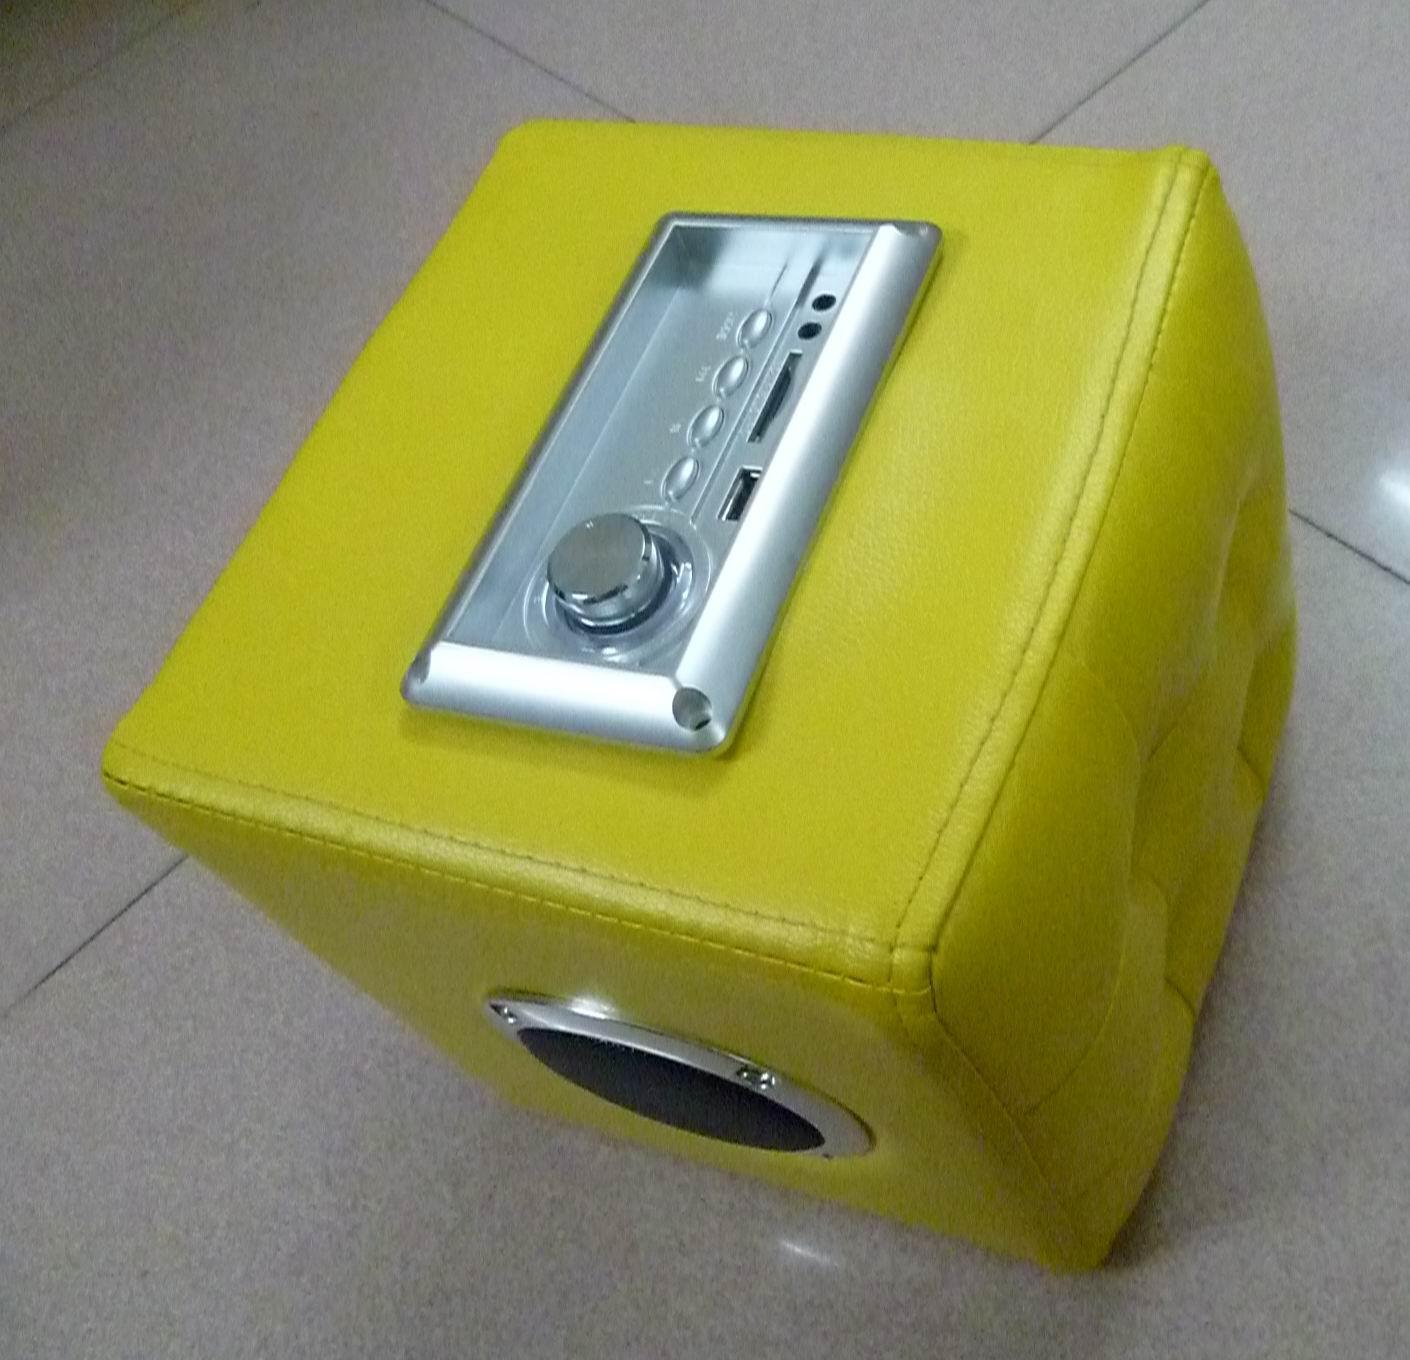 双USB床褥音响 蓝牙家私音响 智能家具 沙发音响套件 凳子插卡蓝牙音响 4